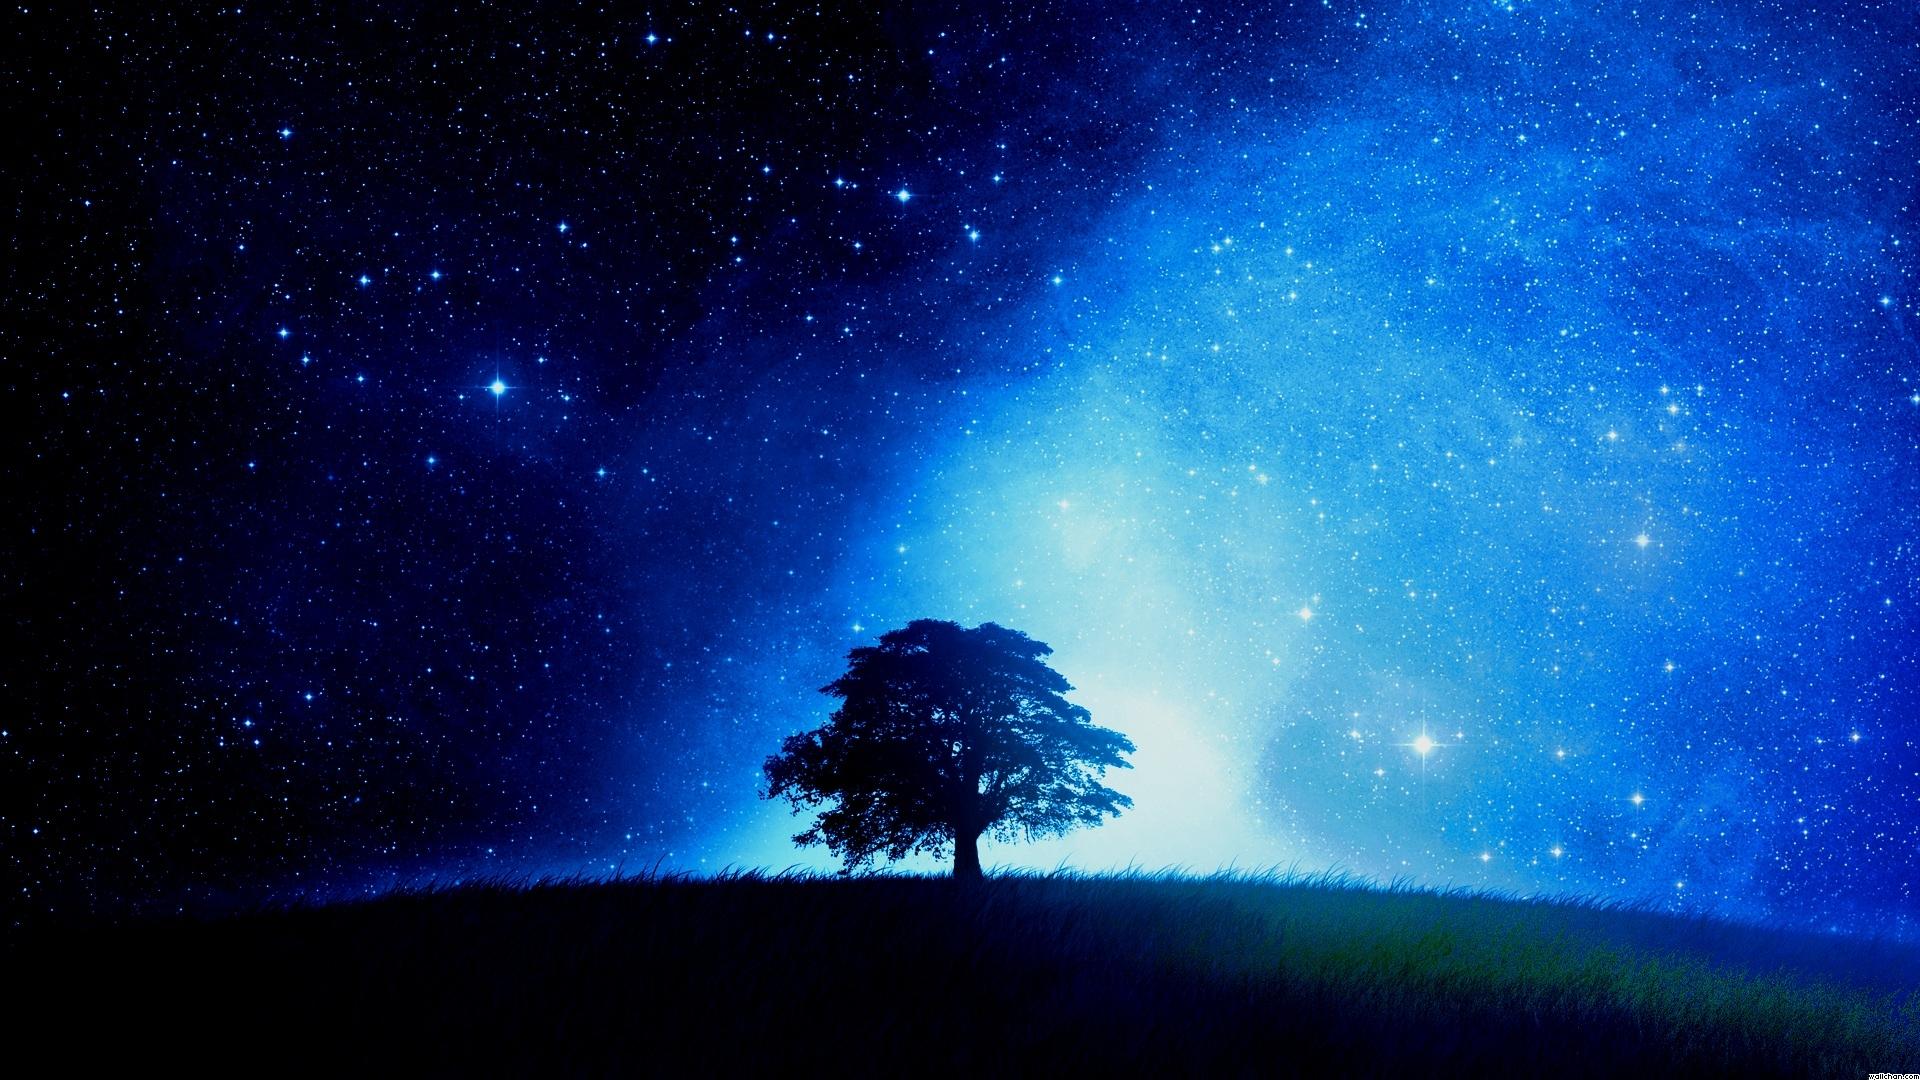 Night Stars Wallpaper 1920x1080